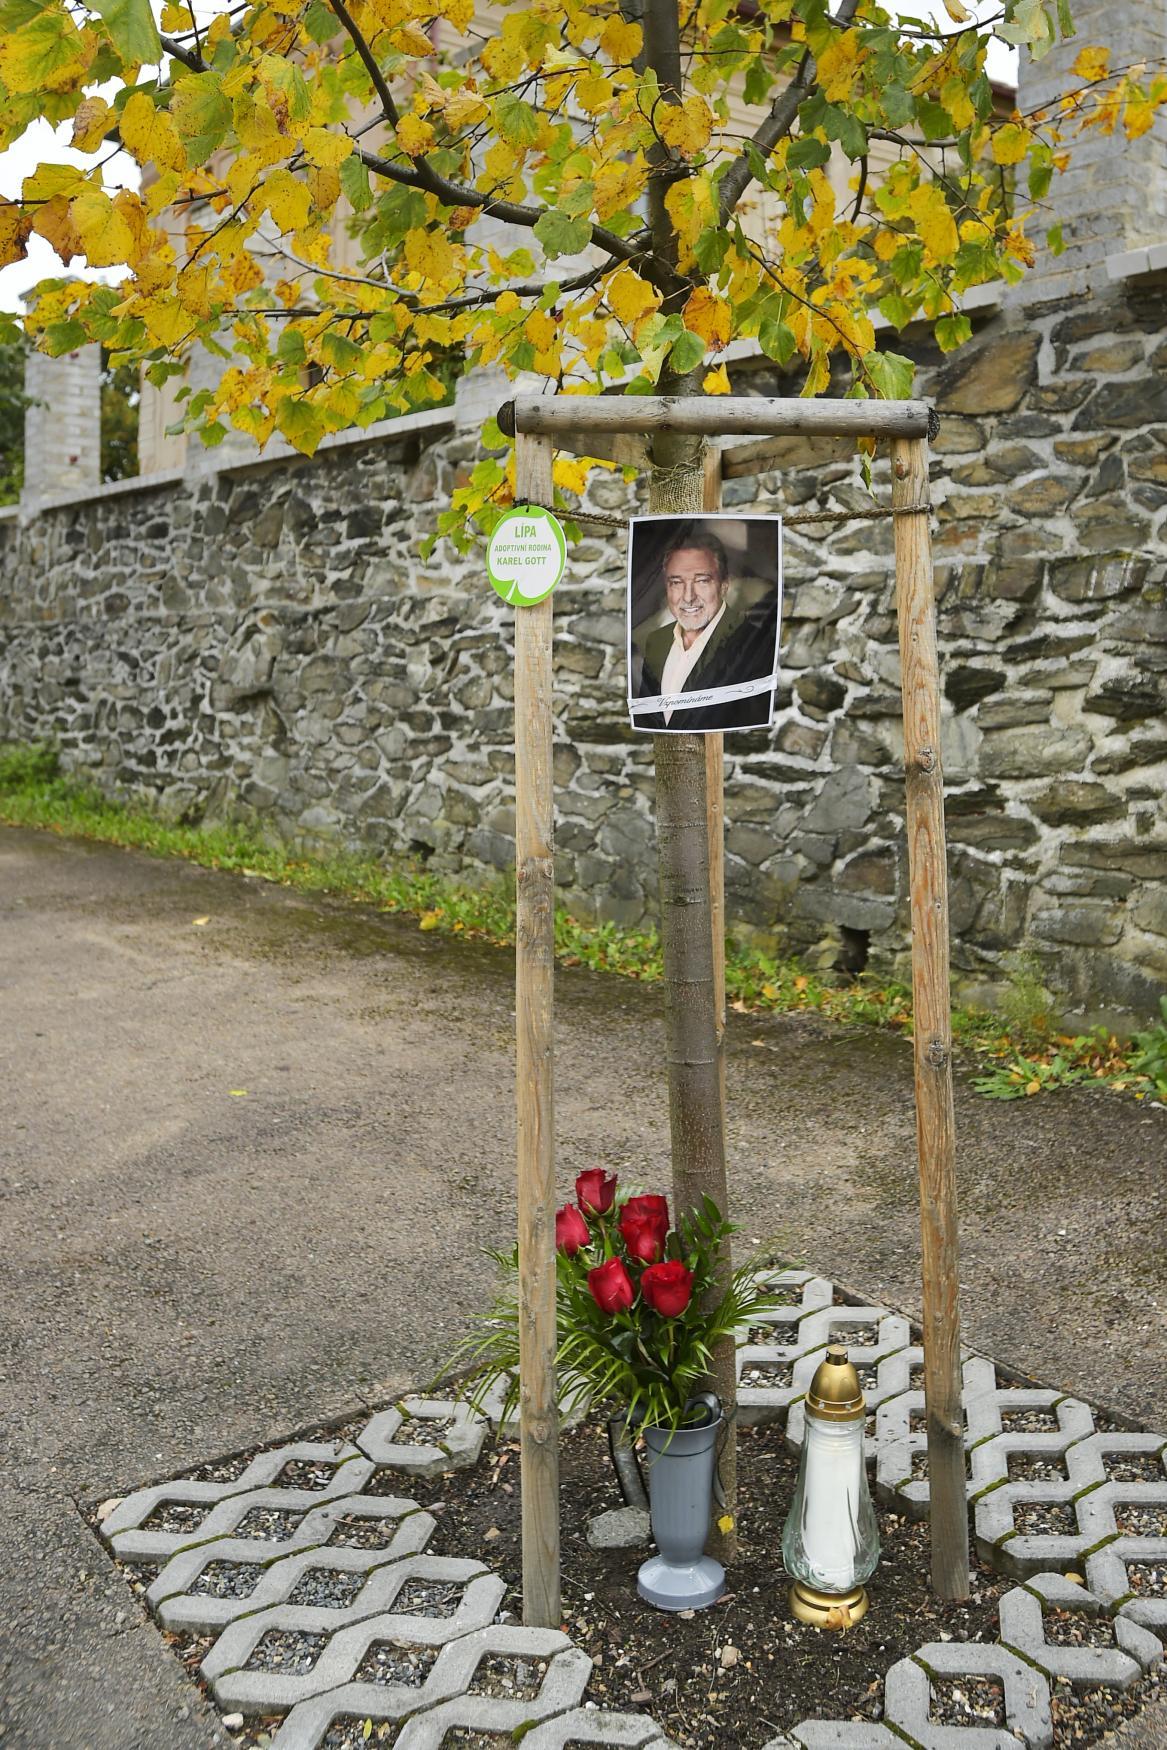 Pietní místo u lípy Karla Gotta v Újezdu u Svatého Kříže na Rokycansku